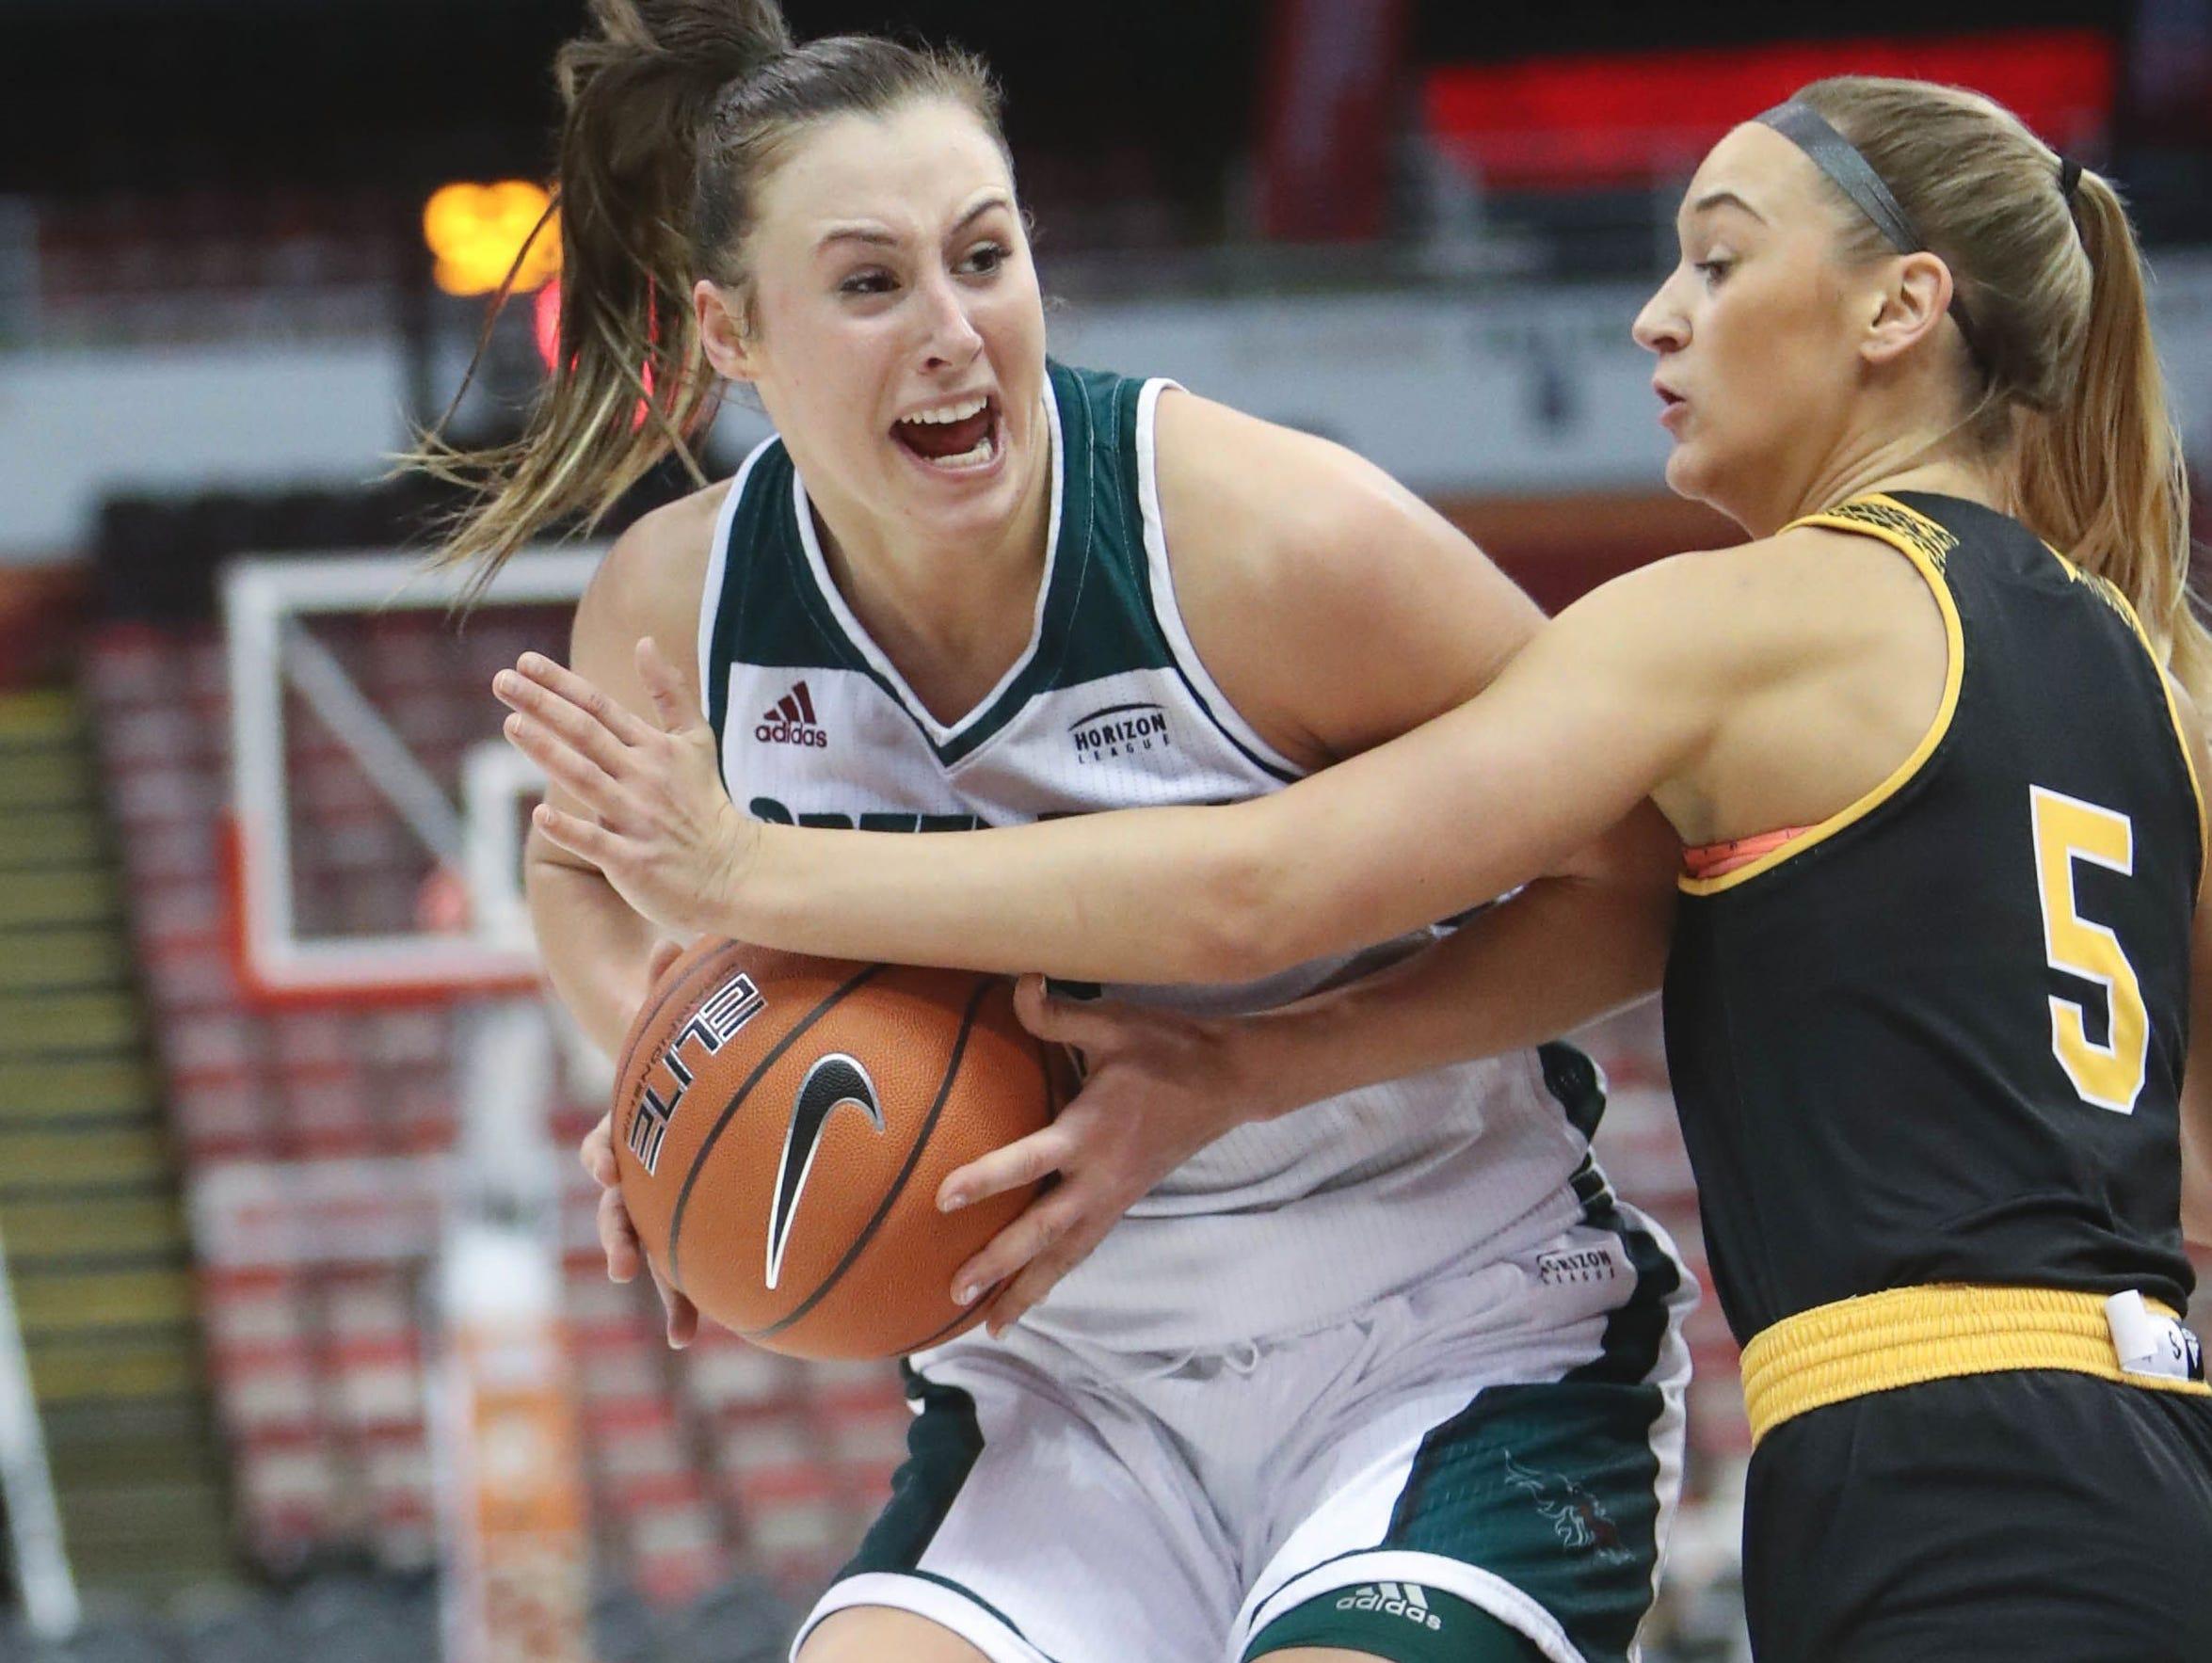 Mehryn Kraker (West Allis Central) was named the Player